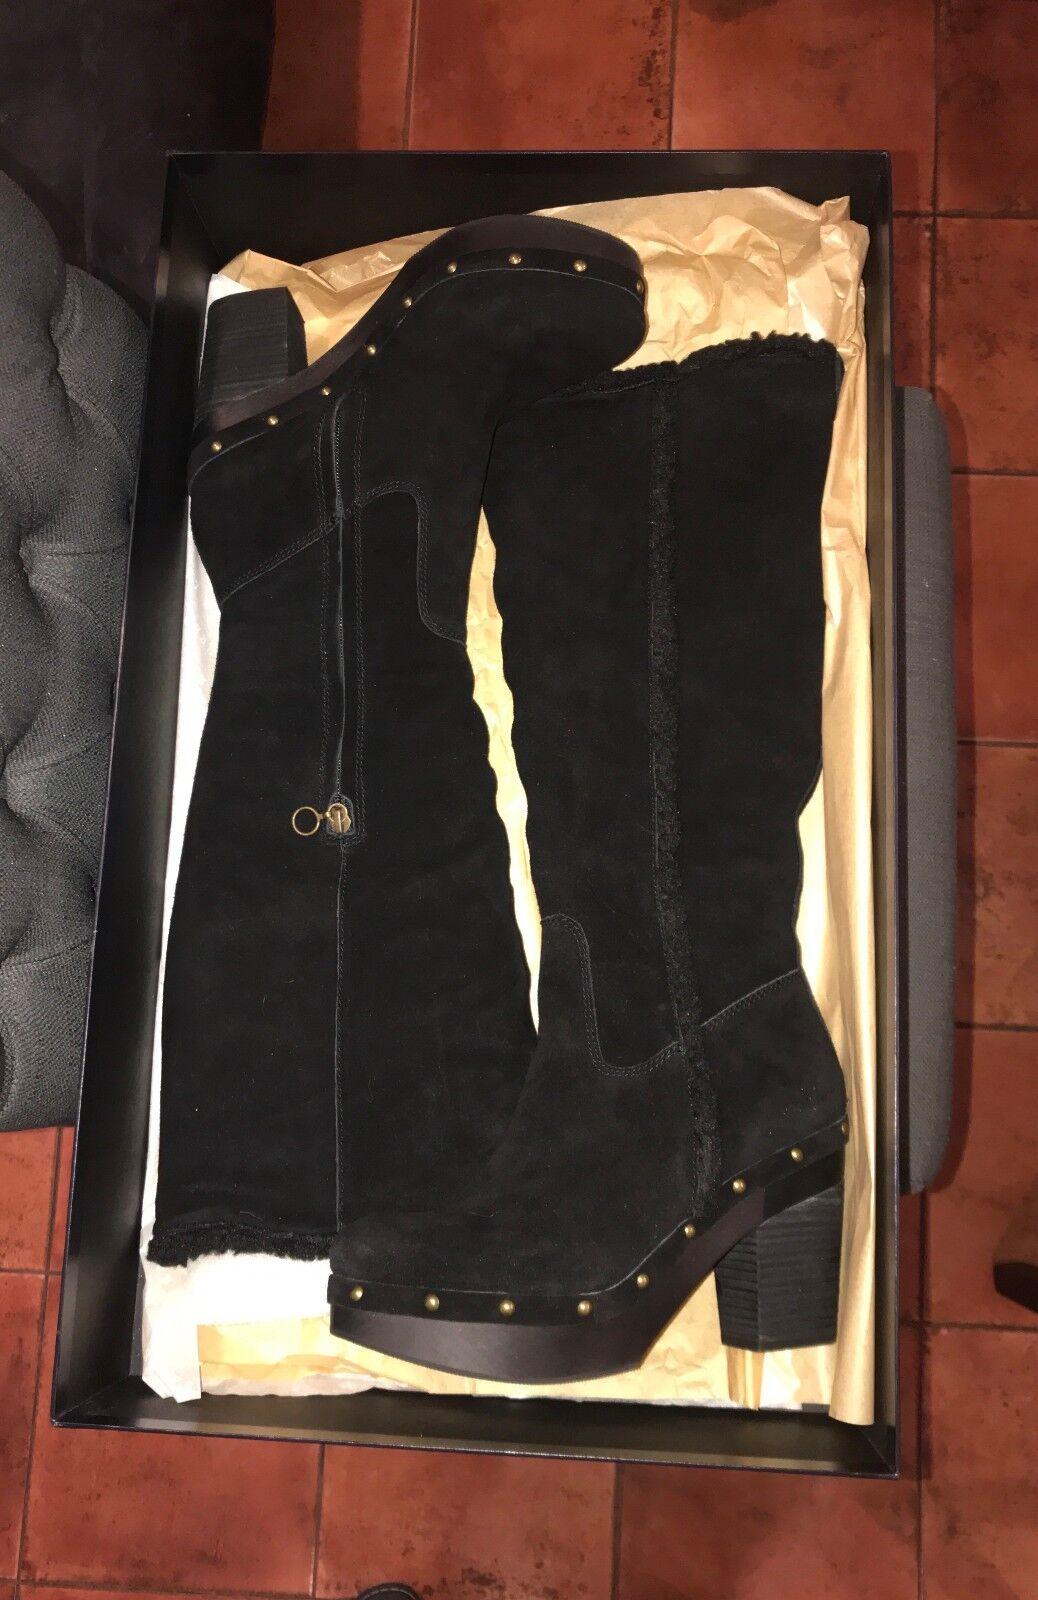 Ralph Lauren Nuevo Caja callen Negro Gamuza & Shearling botas botas botas de plataforma 9B magnífico  tomamos a los clientes como nuestro dios